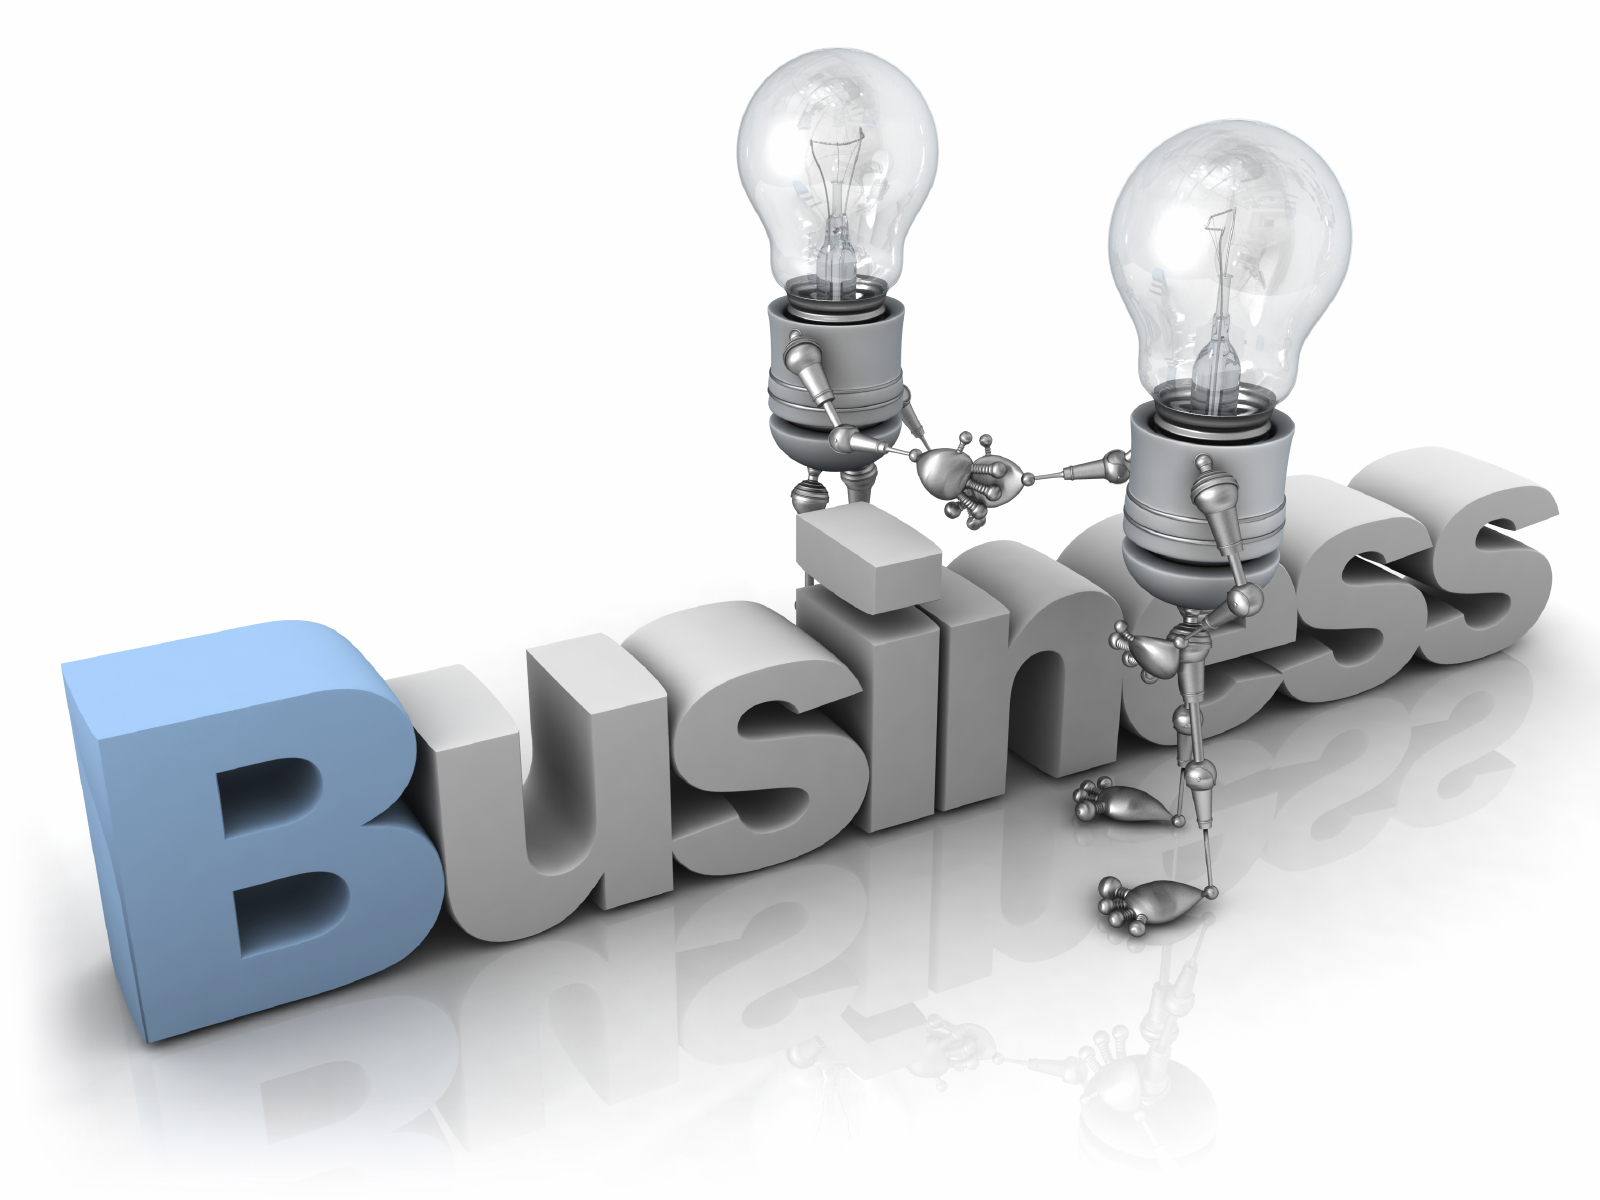 Business & Entrepreneurship Session 4 Online